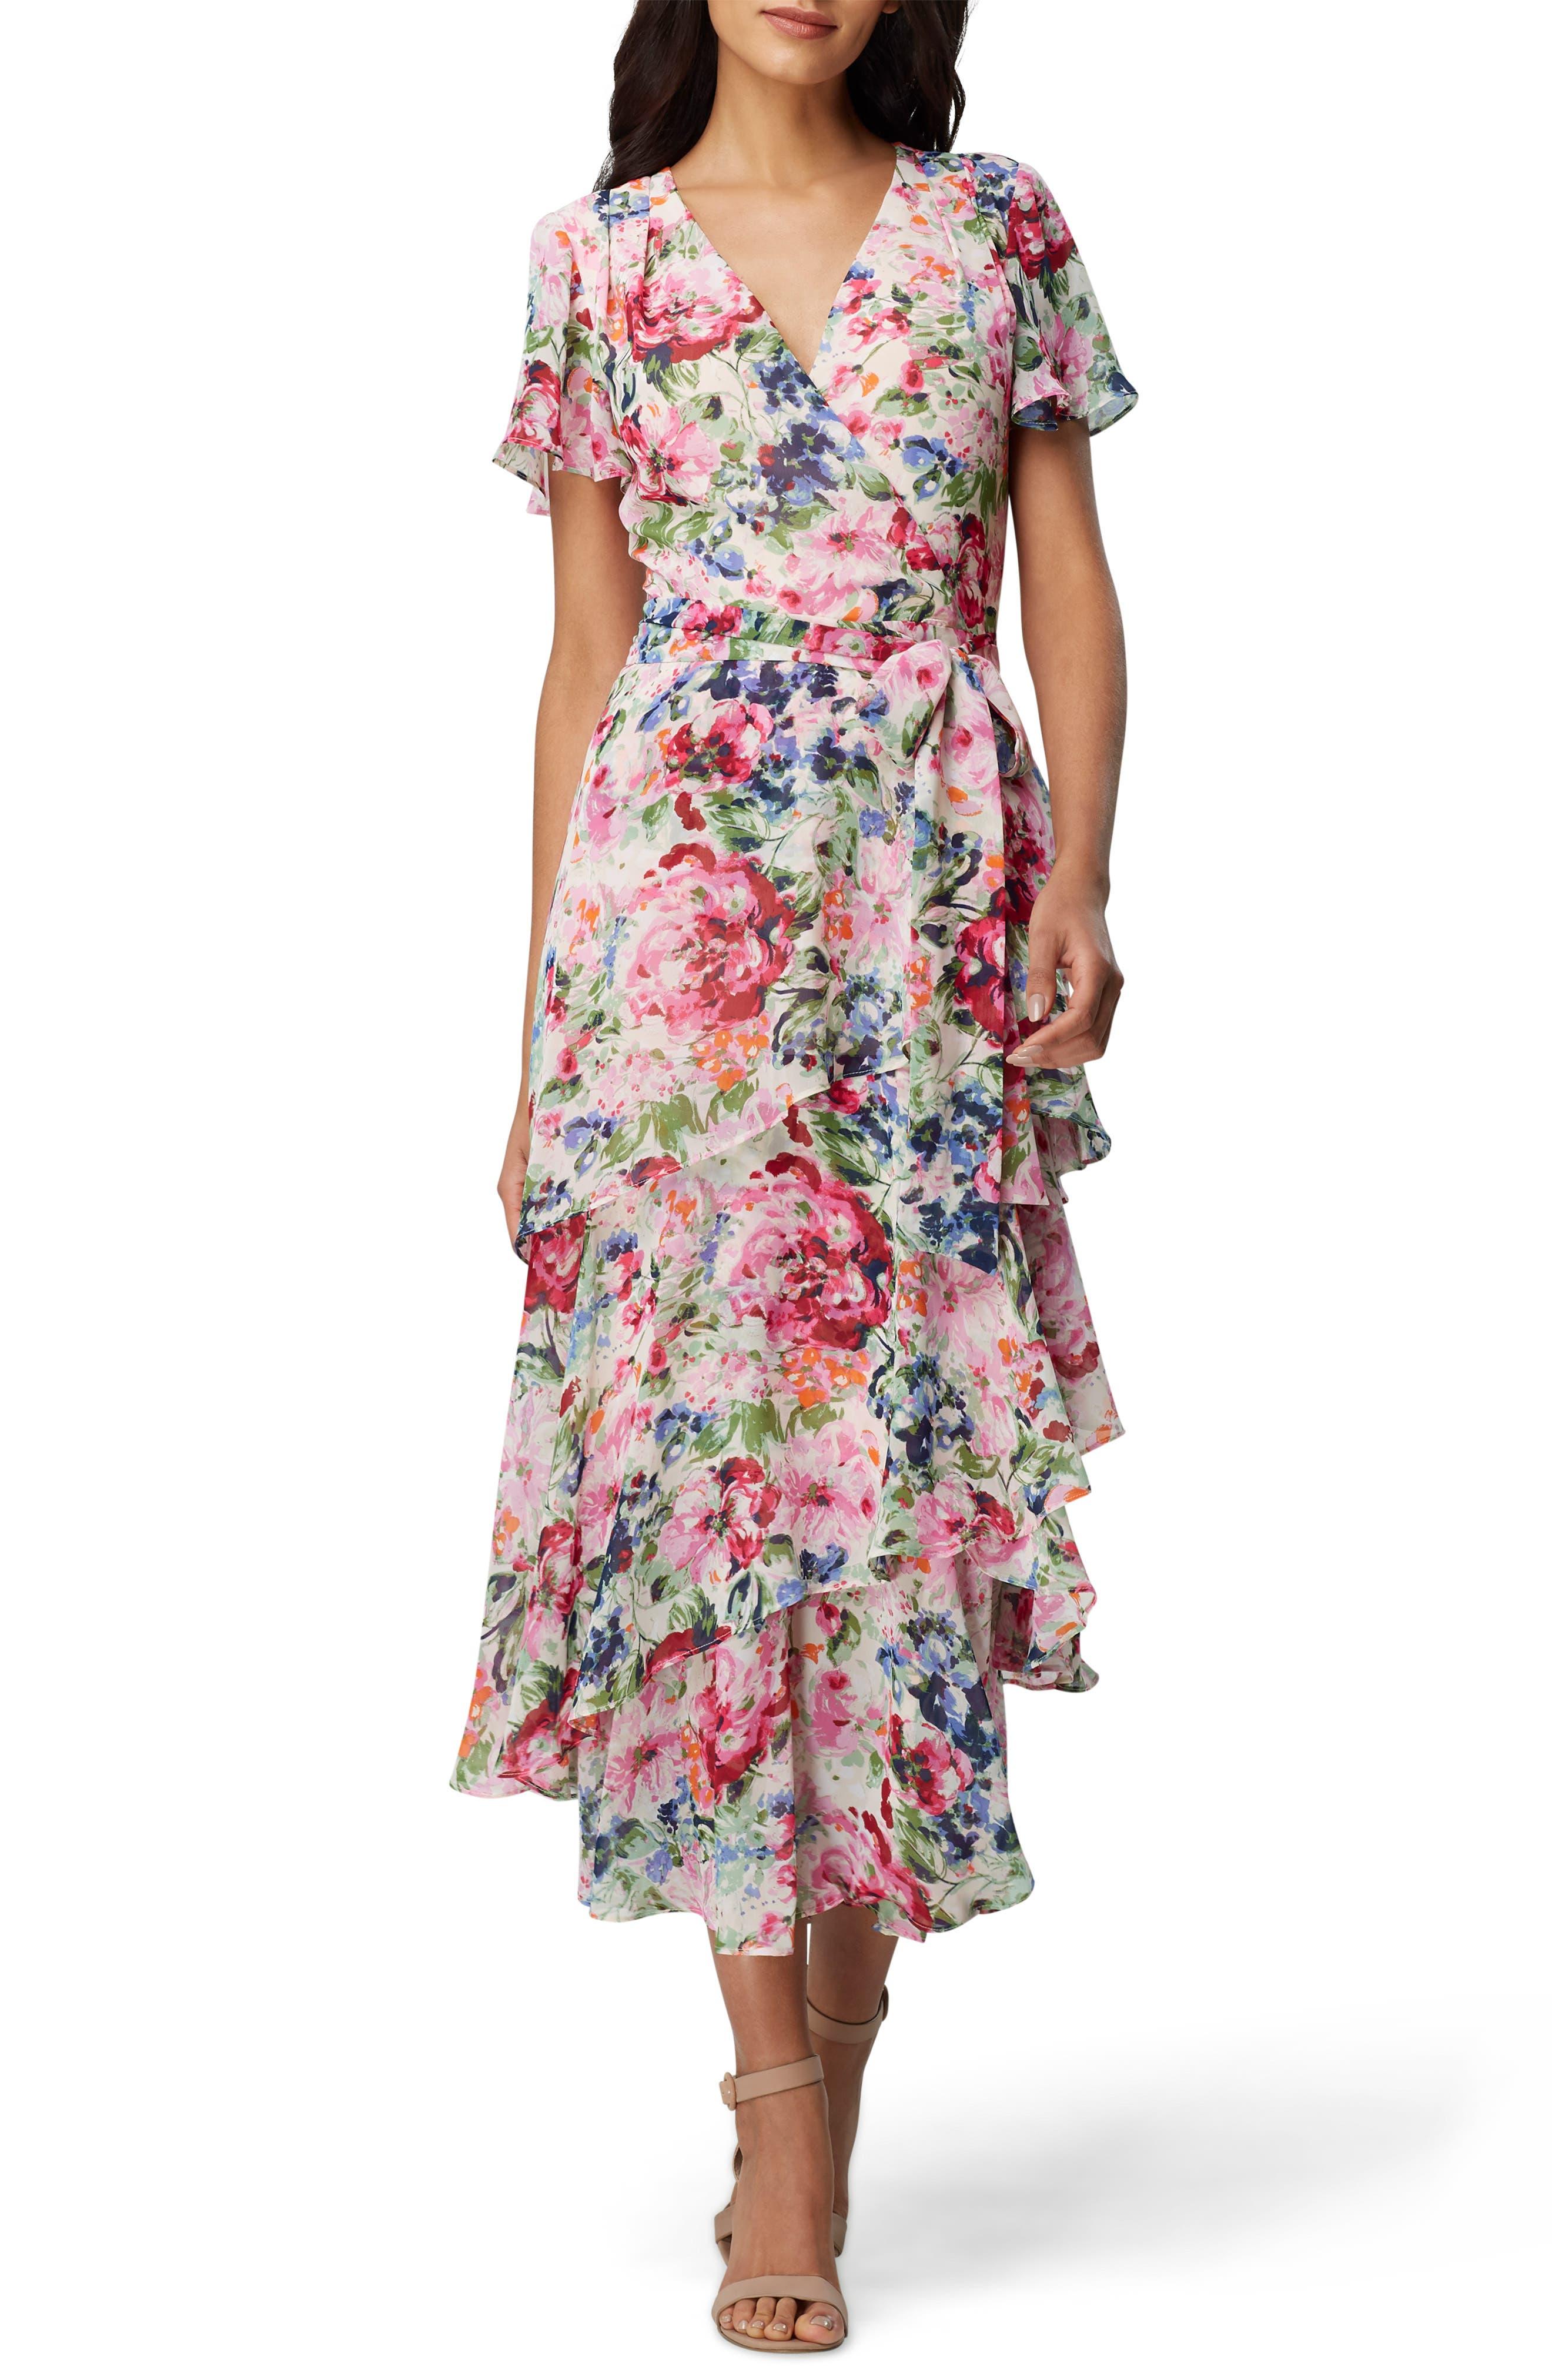 Tahari Floral Print Ruffle Chiffon Midi Dress, Pink